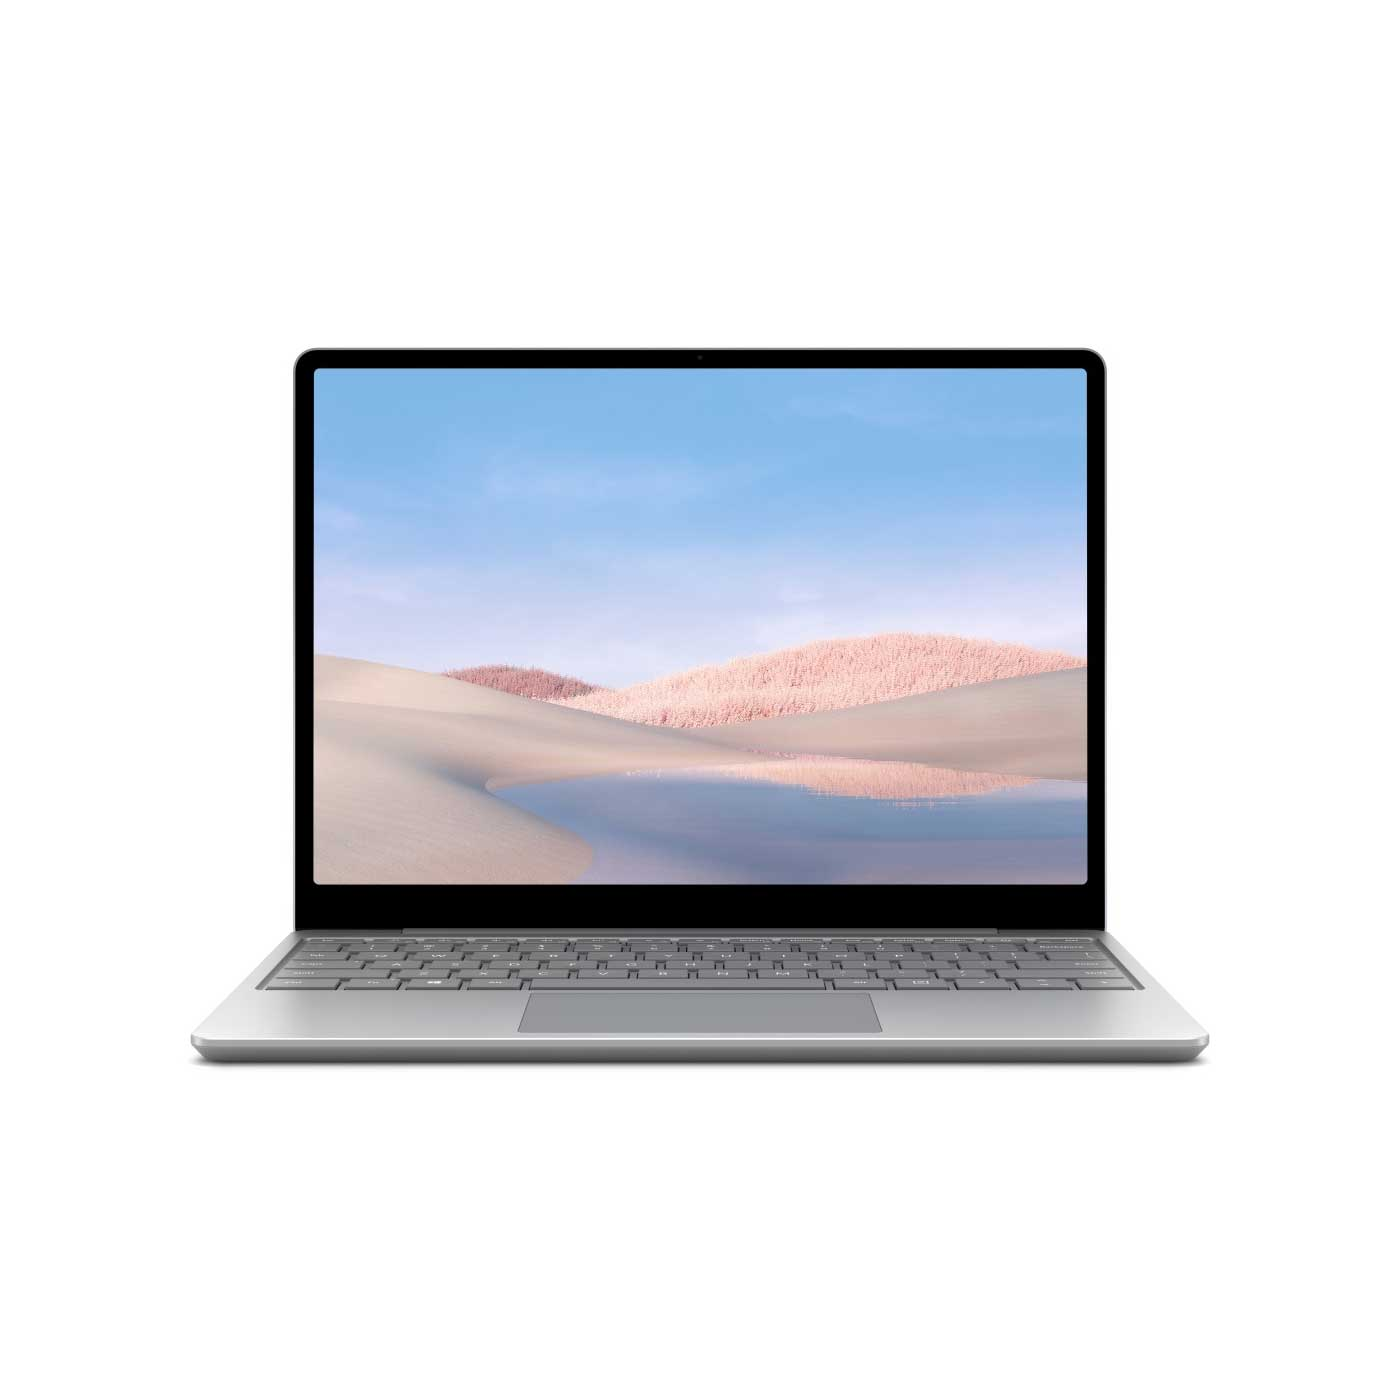 تصویر لپ تاپ 13 اینچی مایکروسافت مدل Surface Laptop Go - i5/4GB/64GB/intel